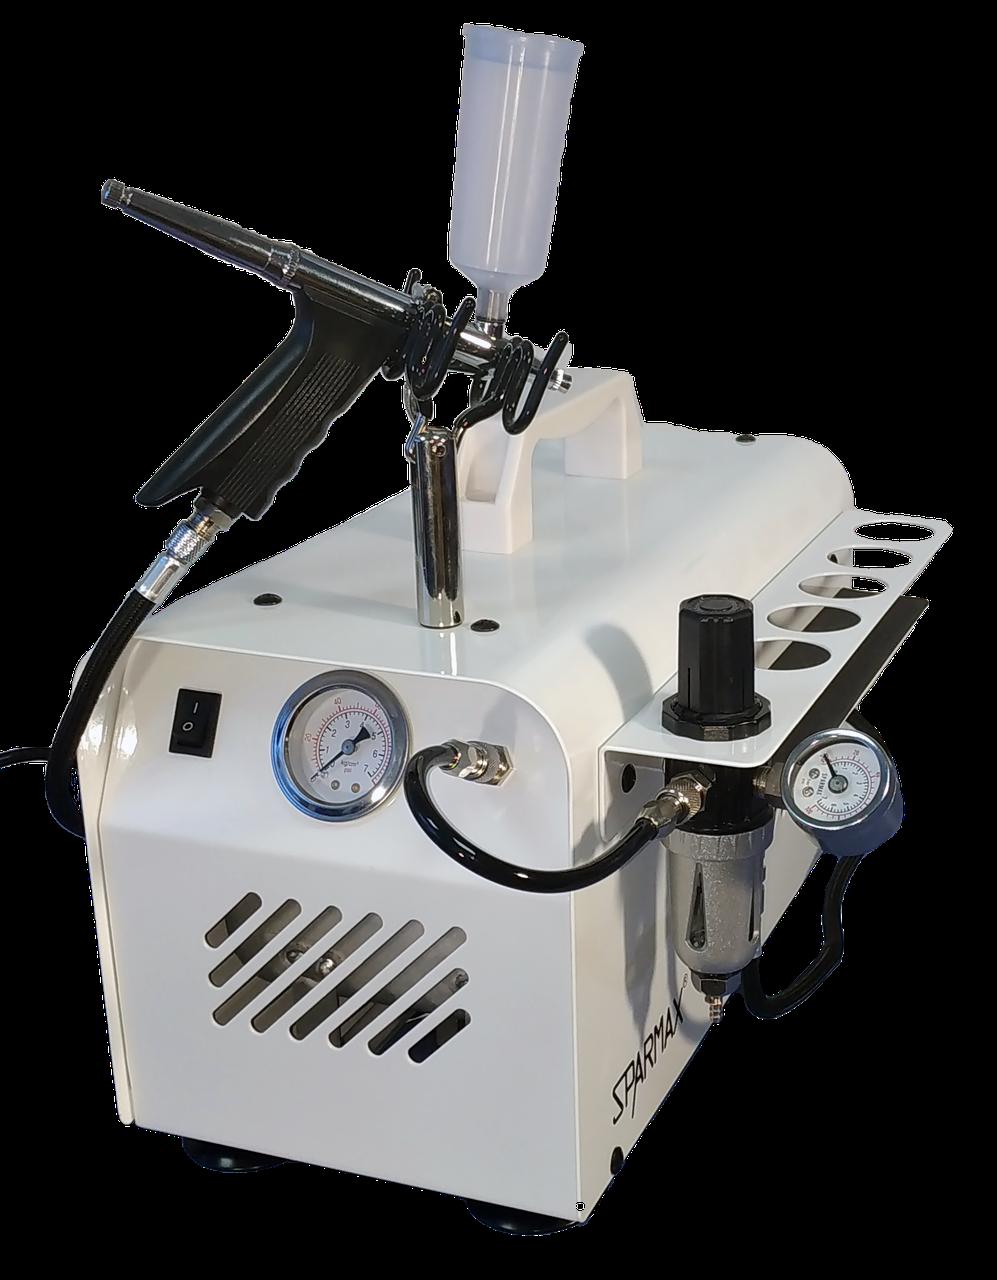 Meso Air Premium + специализированный, профессиональный аппарат Косметологических Центров